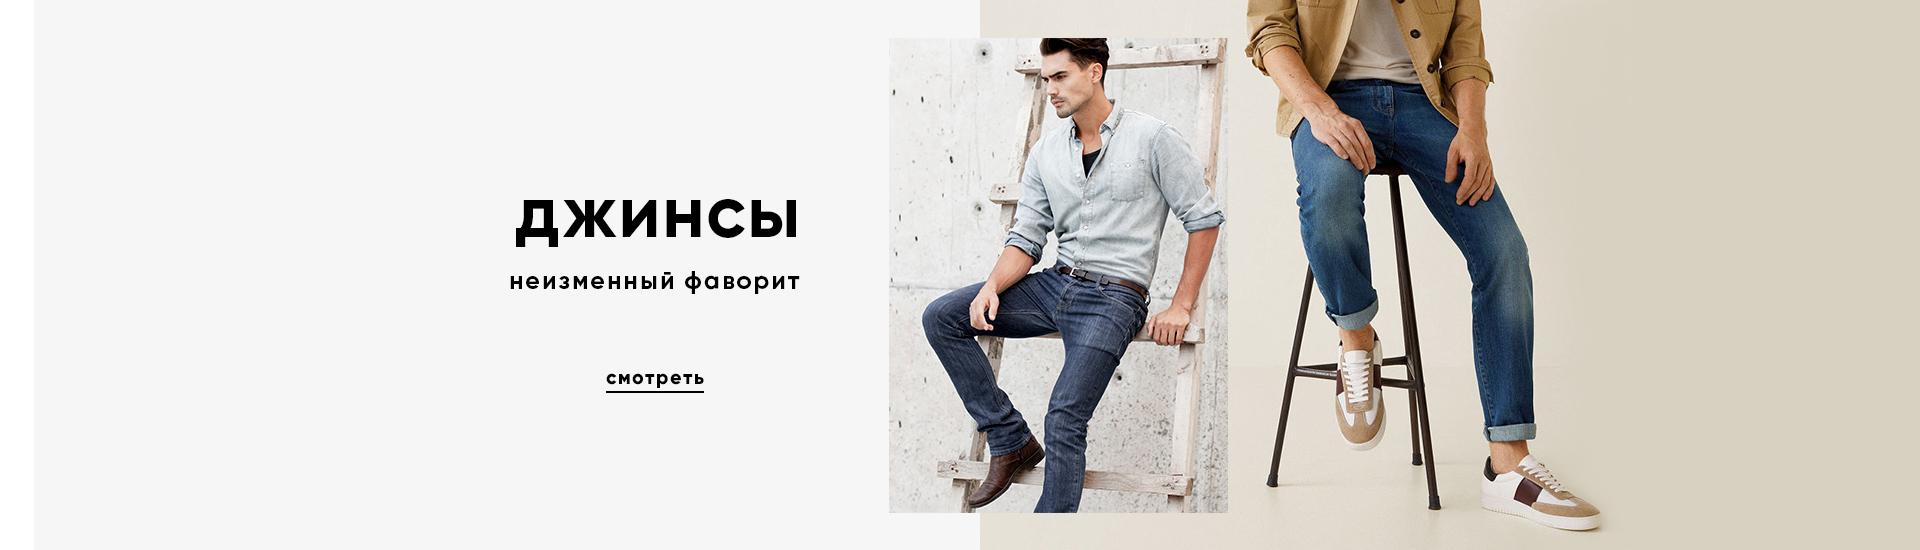 Купить мужскую одежду и аксессуары в интернет магазине WildBerries.ru 3f9b587fd55